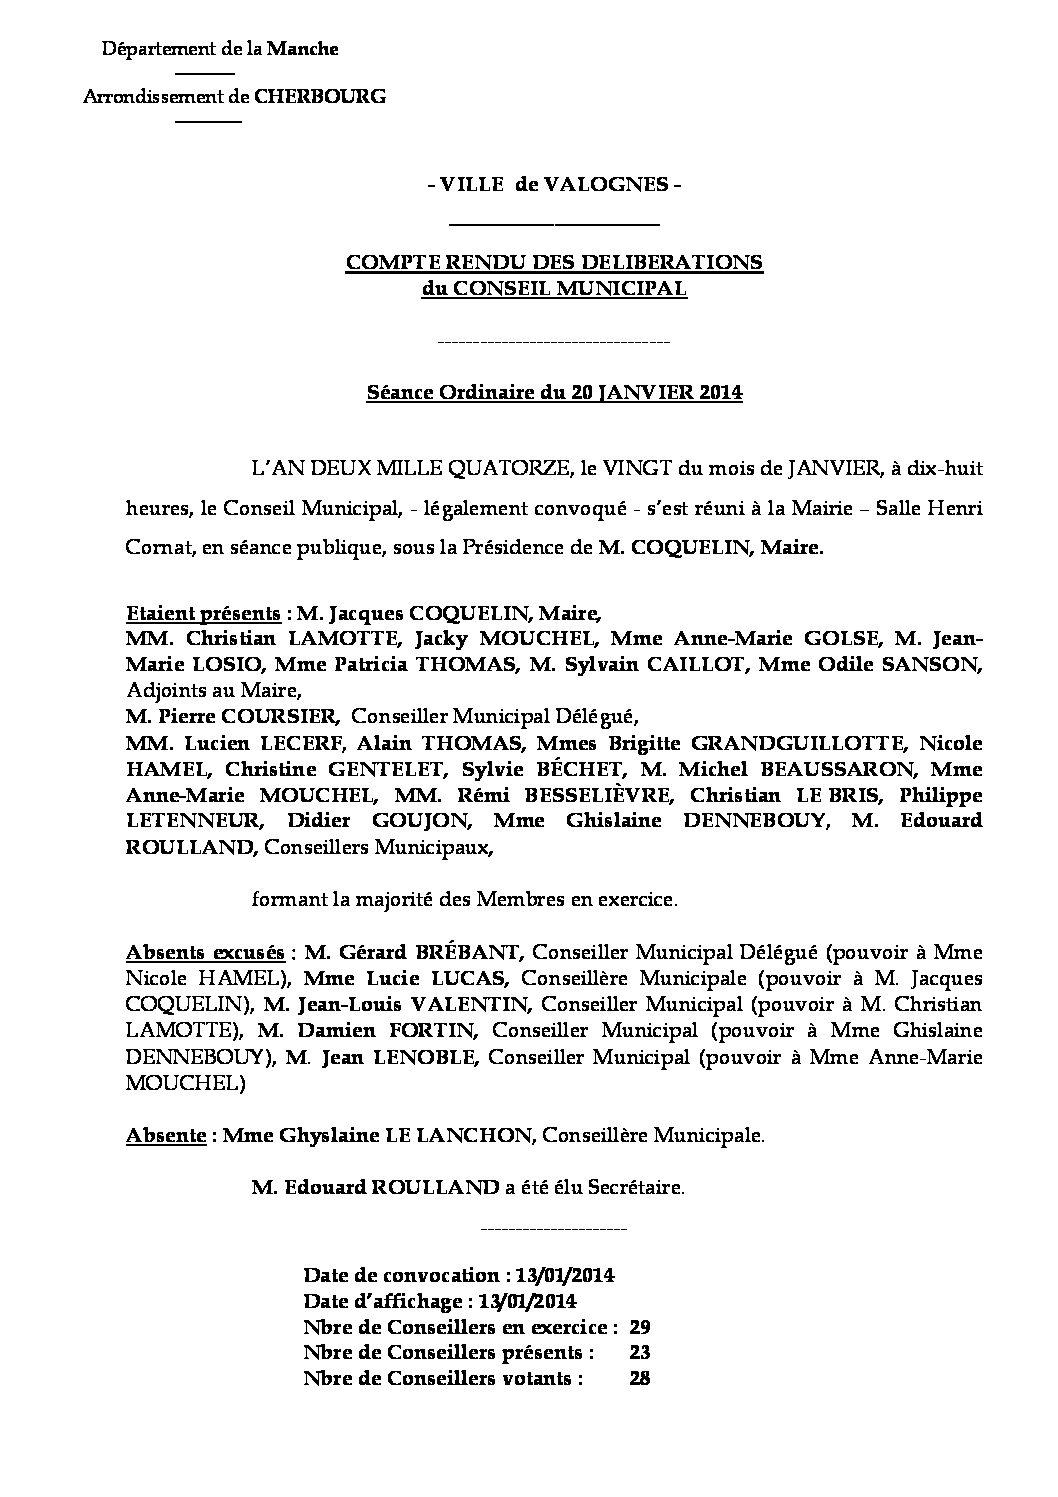 Extrait du registre des délibérations du 20-01-2014 - Compte rendu des questions soumises à délibération lors de la séance du Conseil Municipal du lundi 20 janvier 2014.